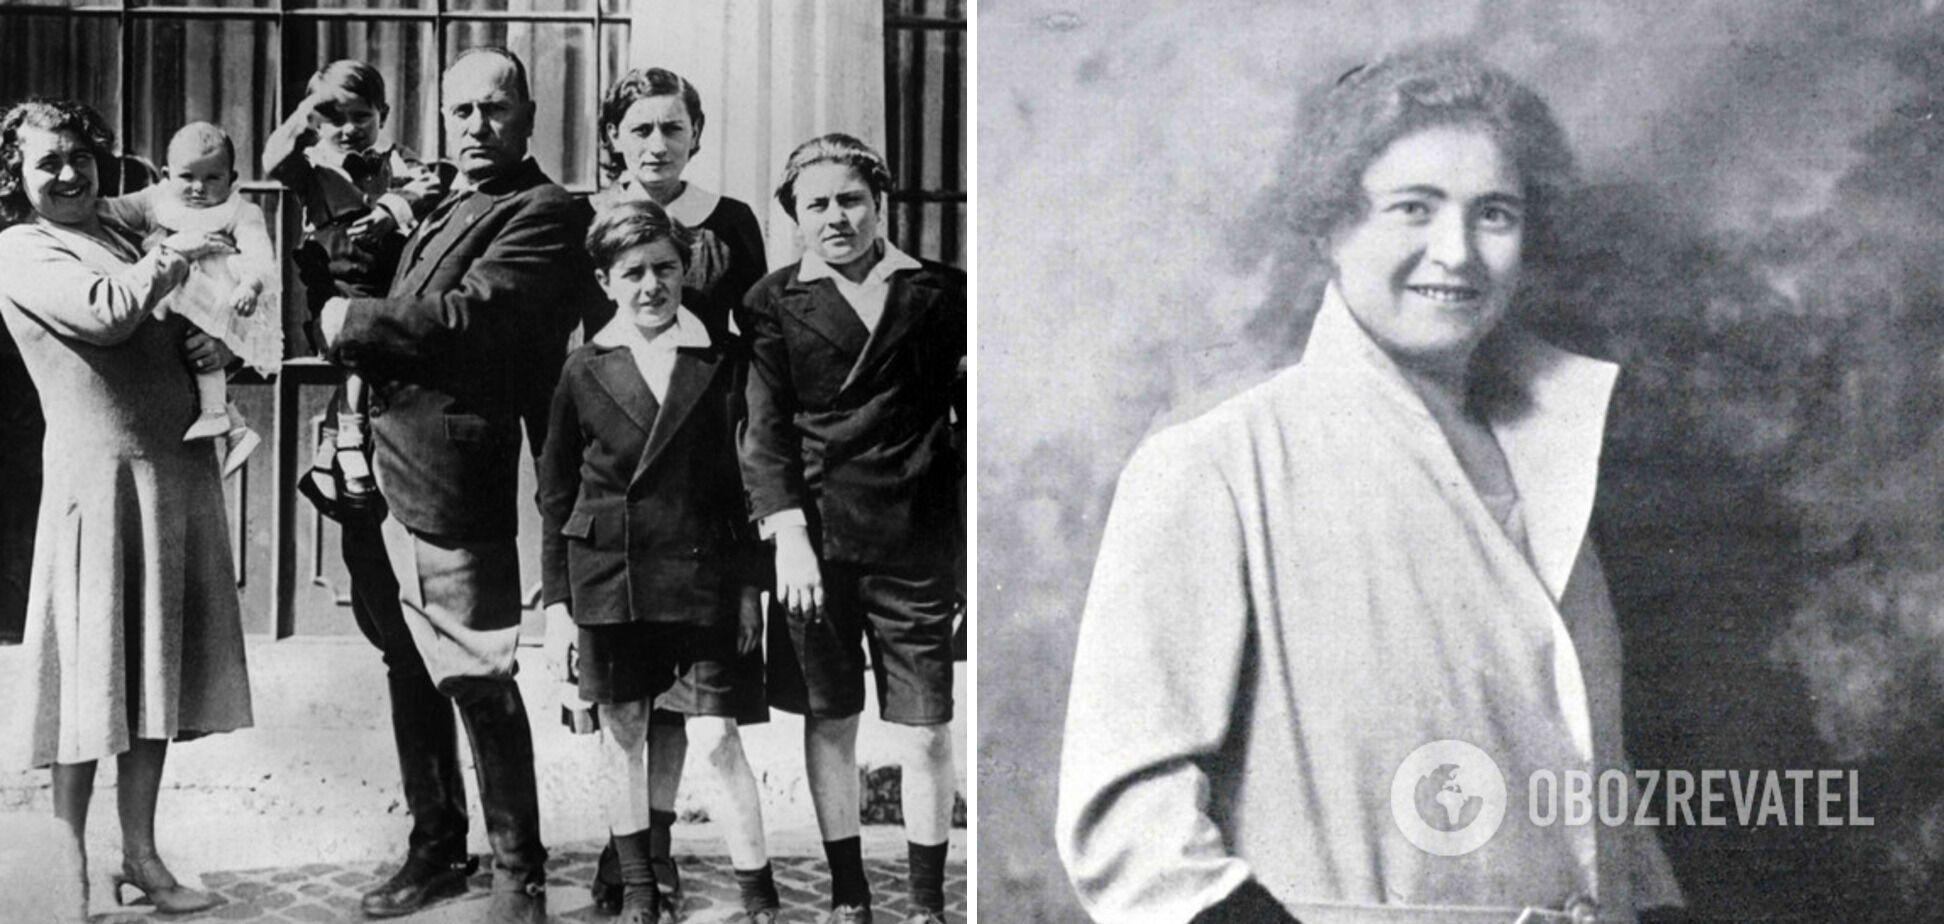 Ракеле Гіді народила п'ятьох дітей